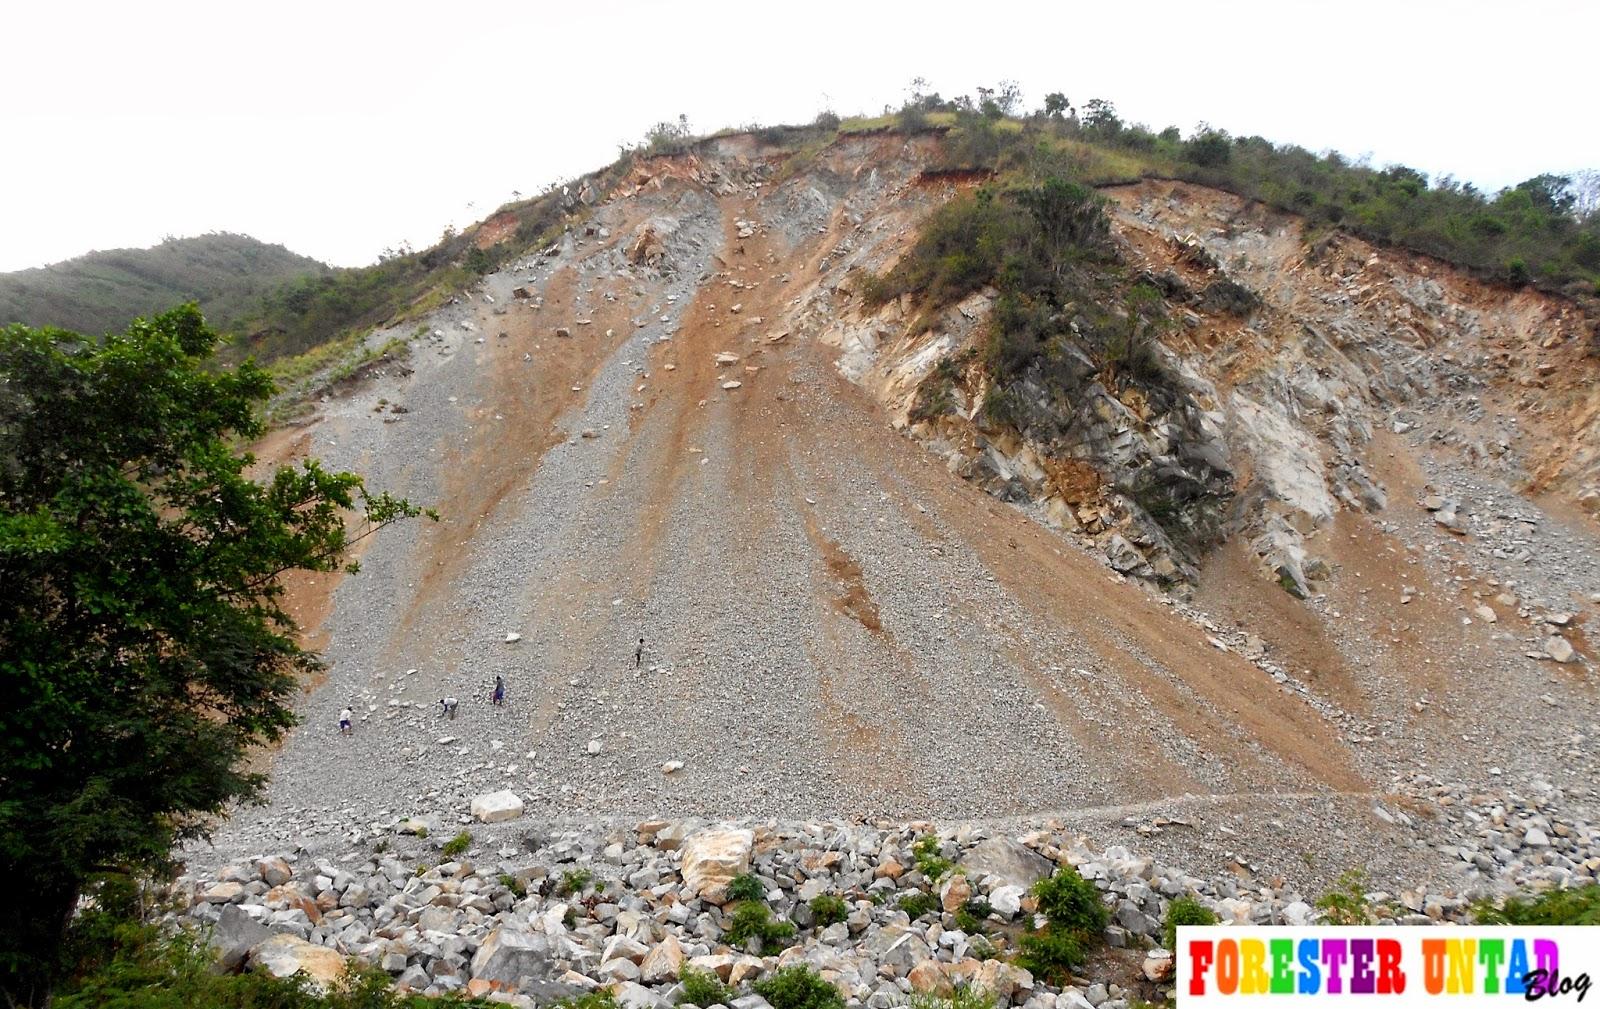 Makalah Konservasi Lahan Dan Aplikasi Konservasi Forester Untad Blog